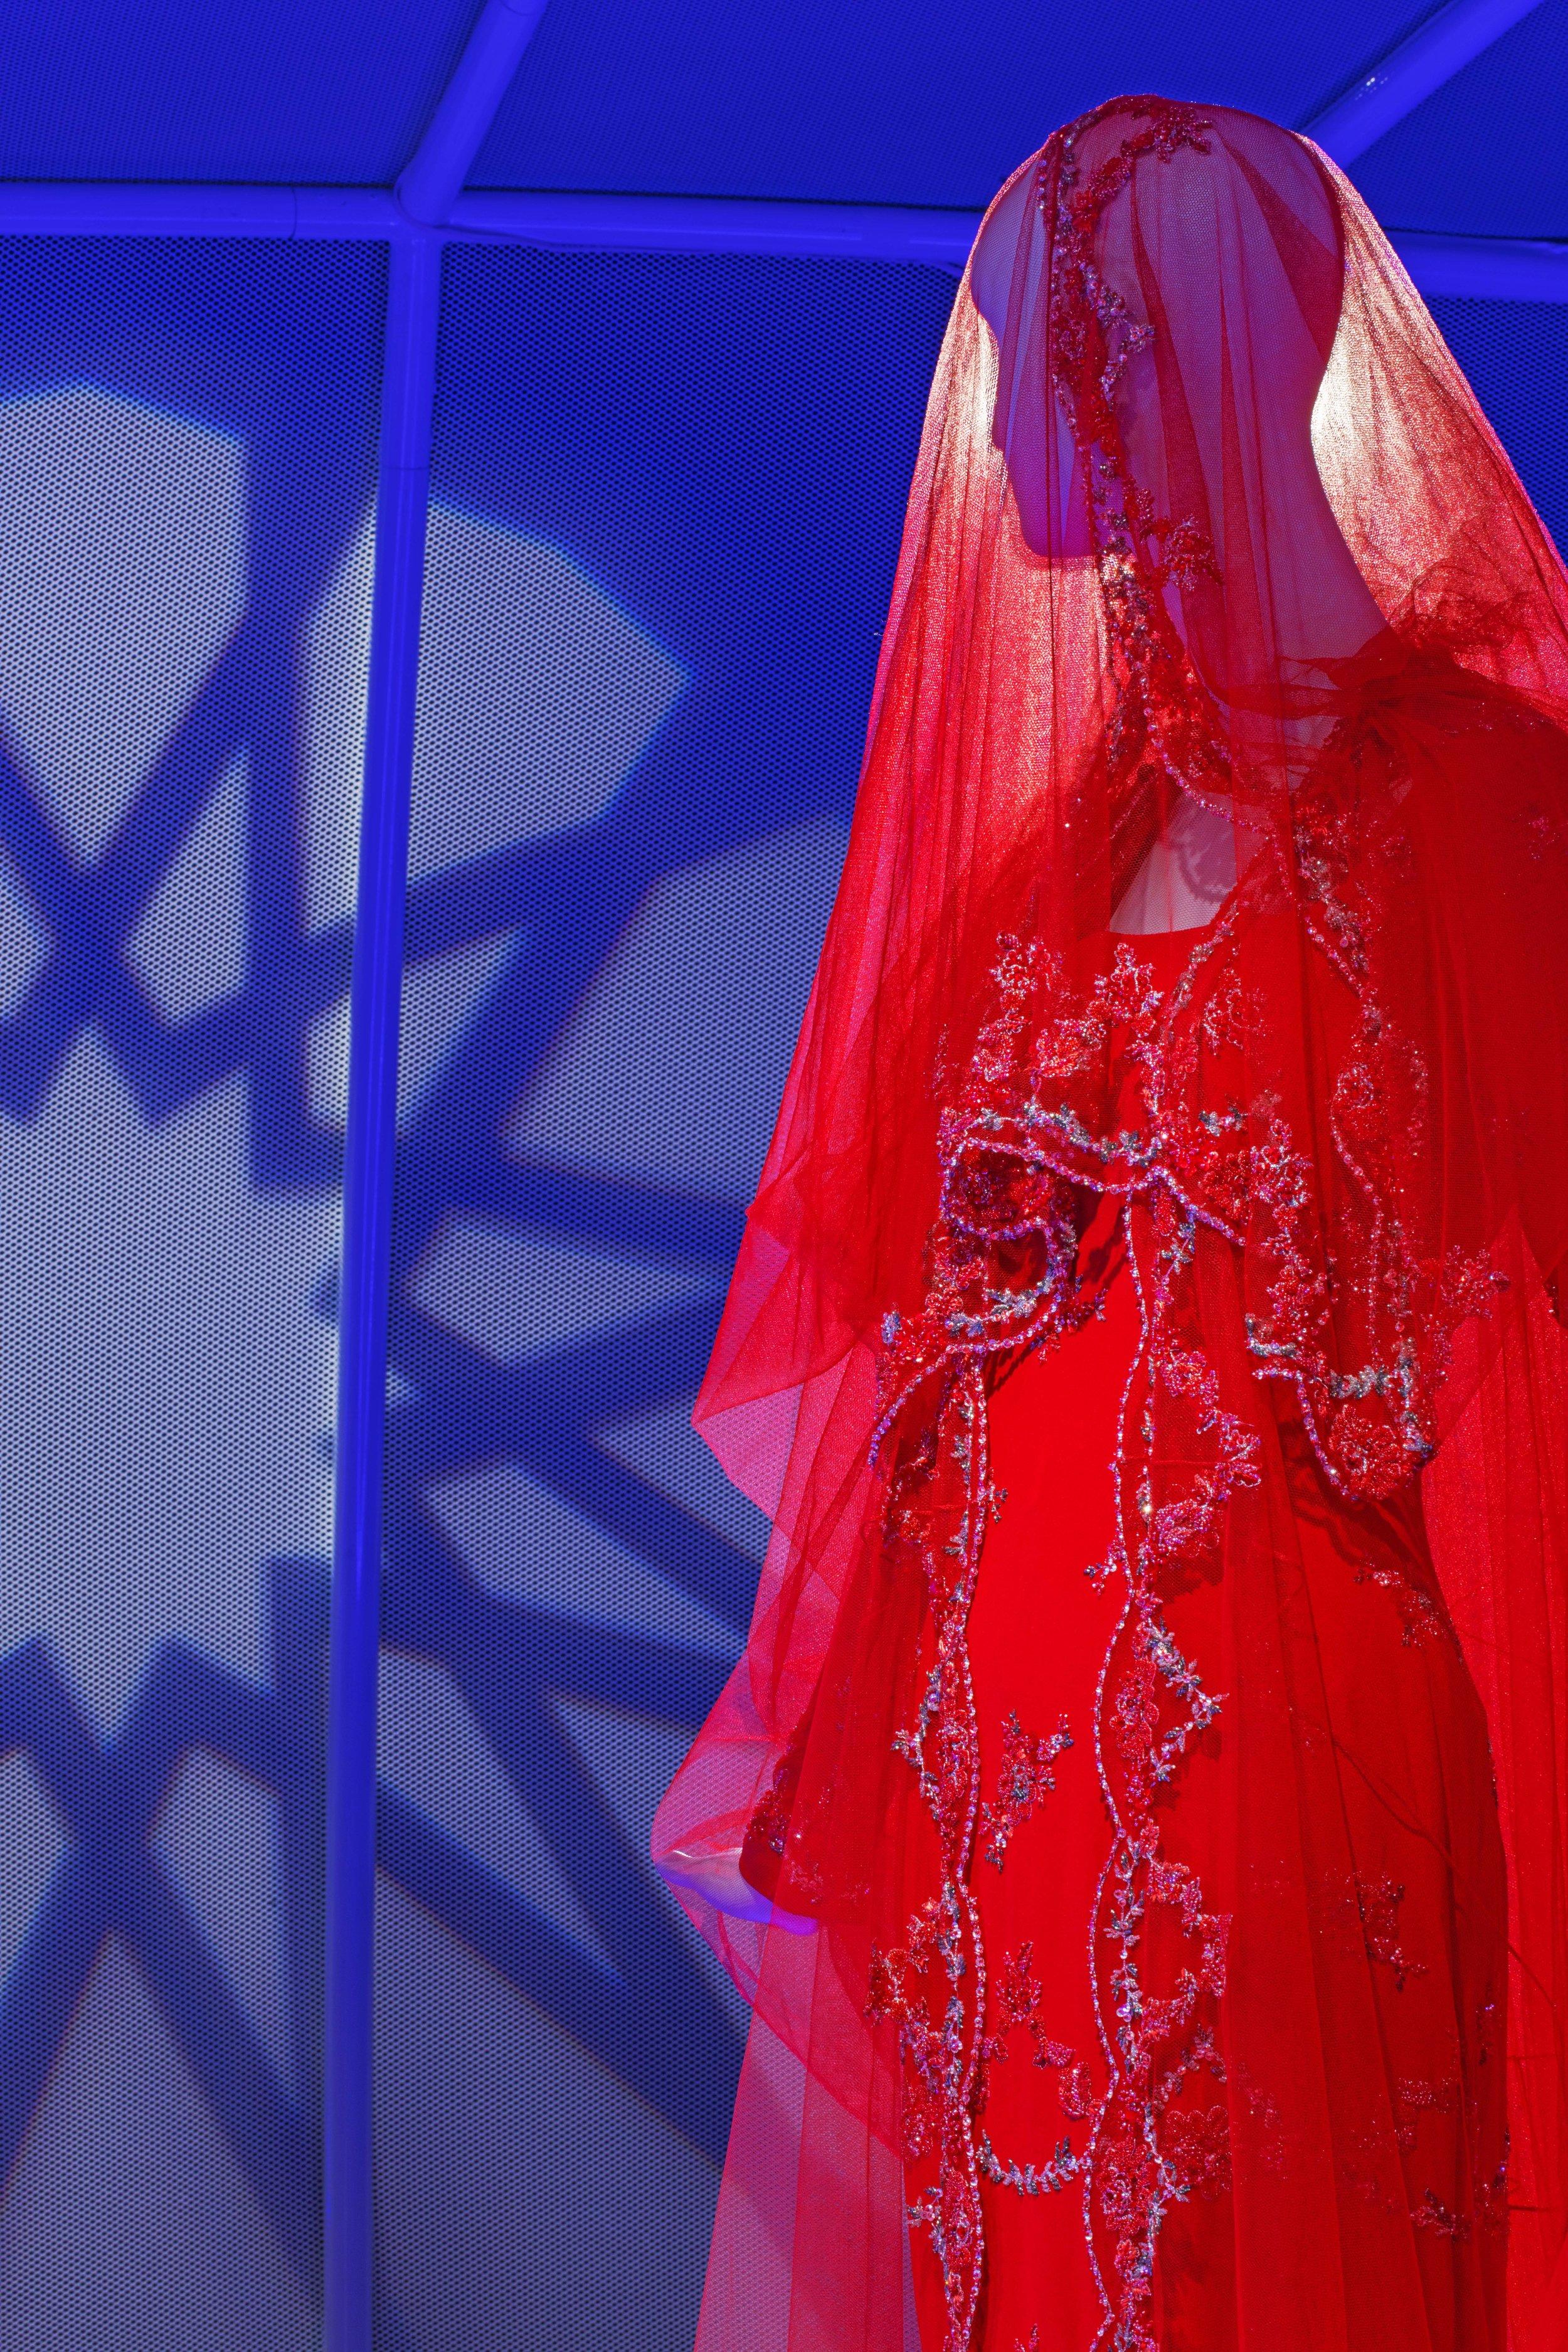 Contemporary Muslim Fashions Exhibit SF 2018 (66).jpg